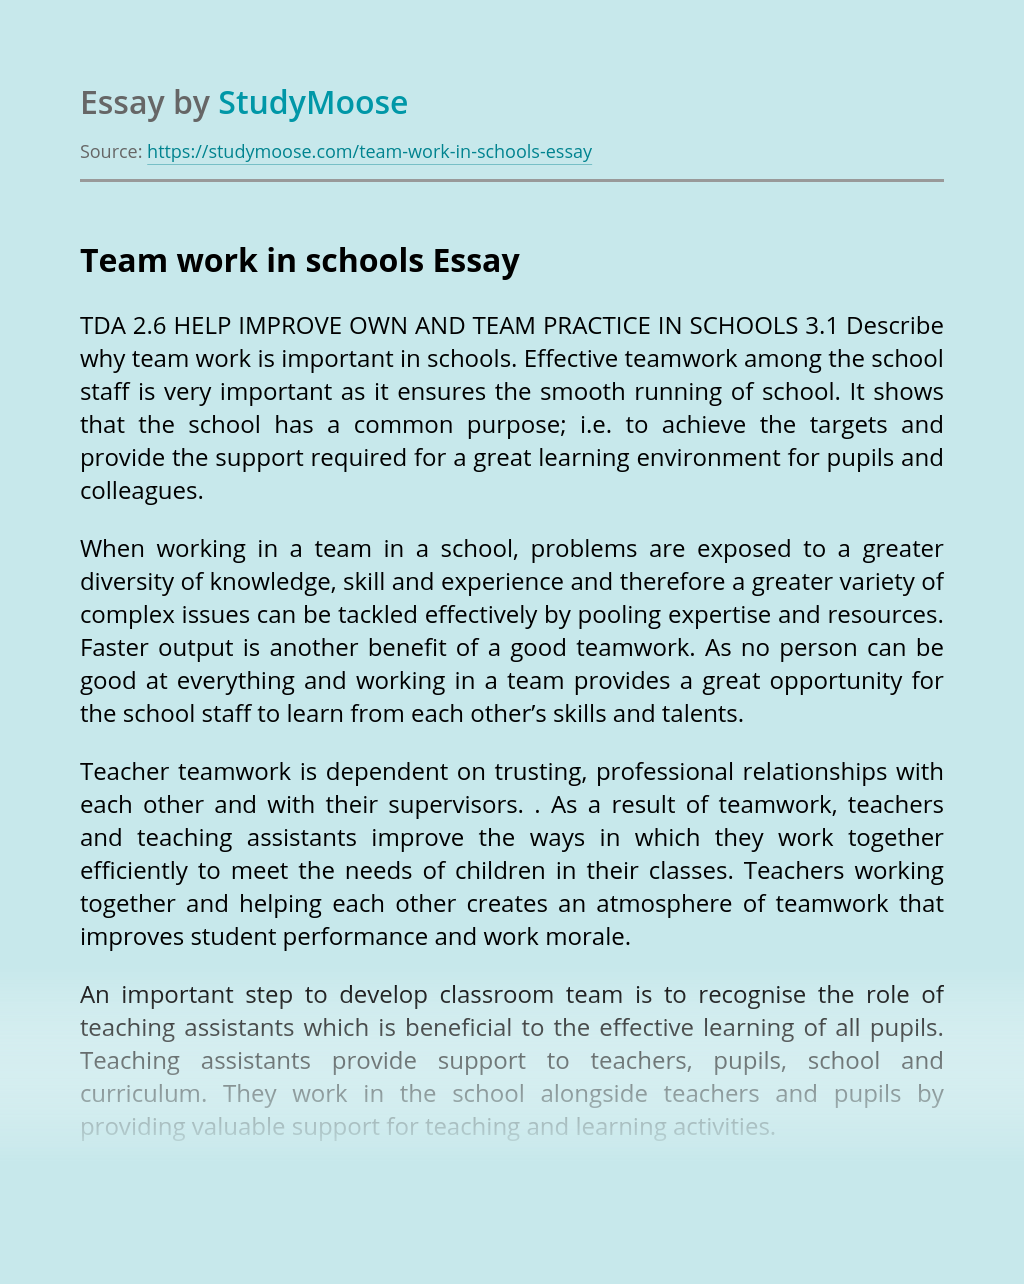 Team work in schools